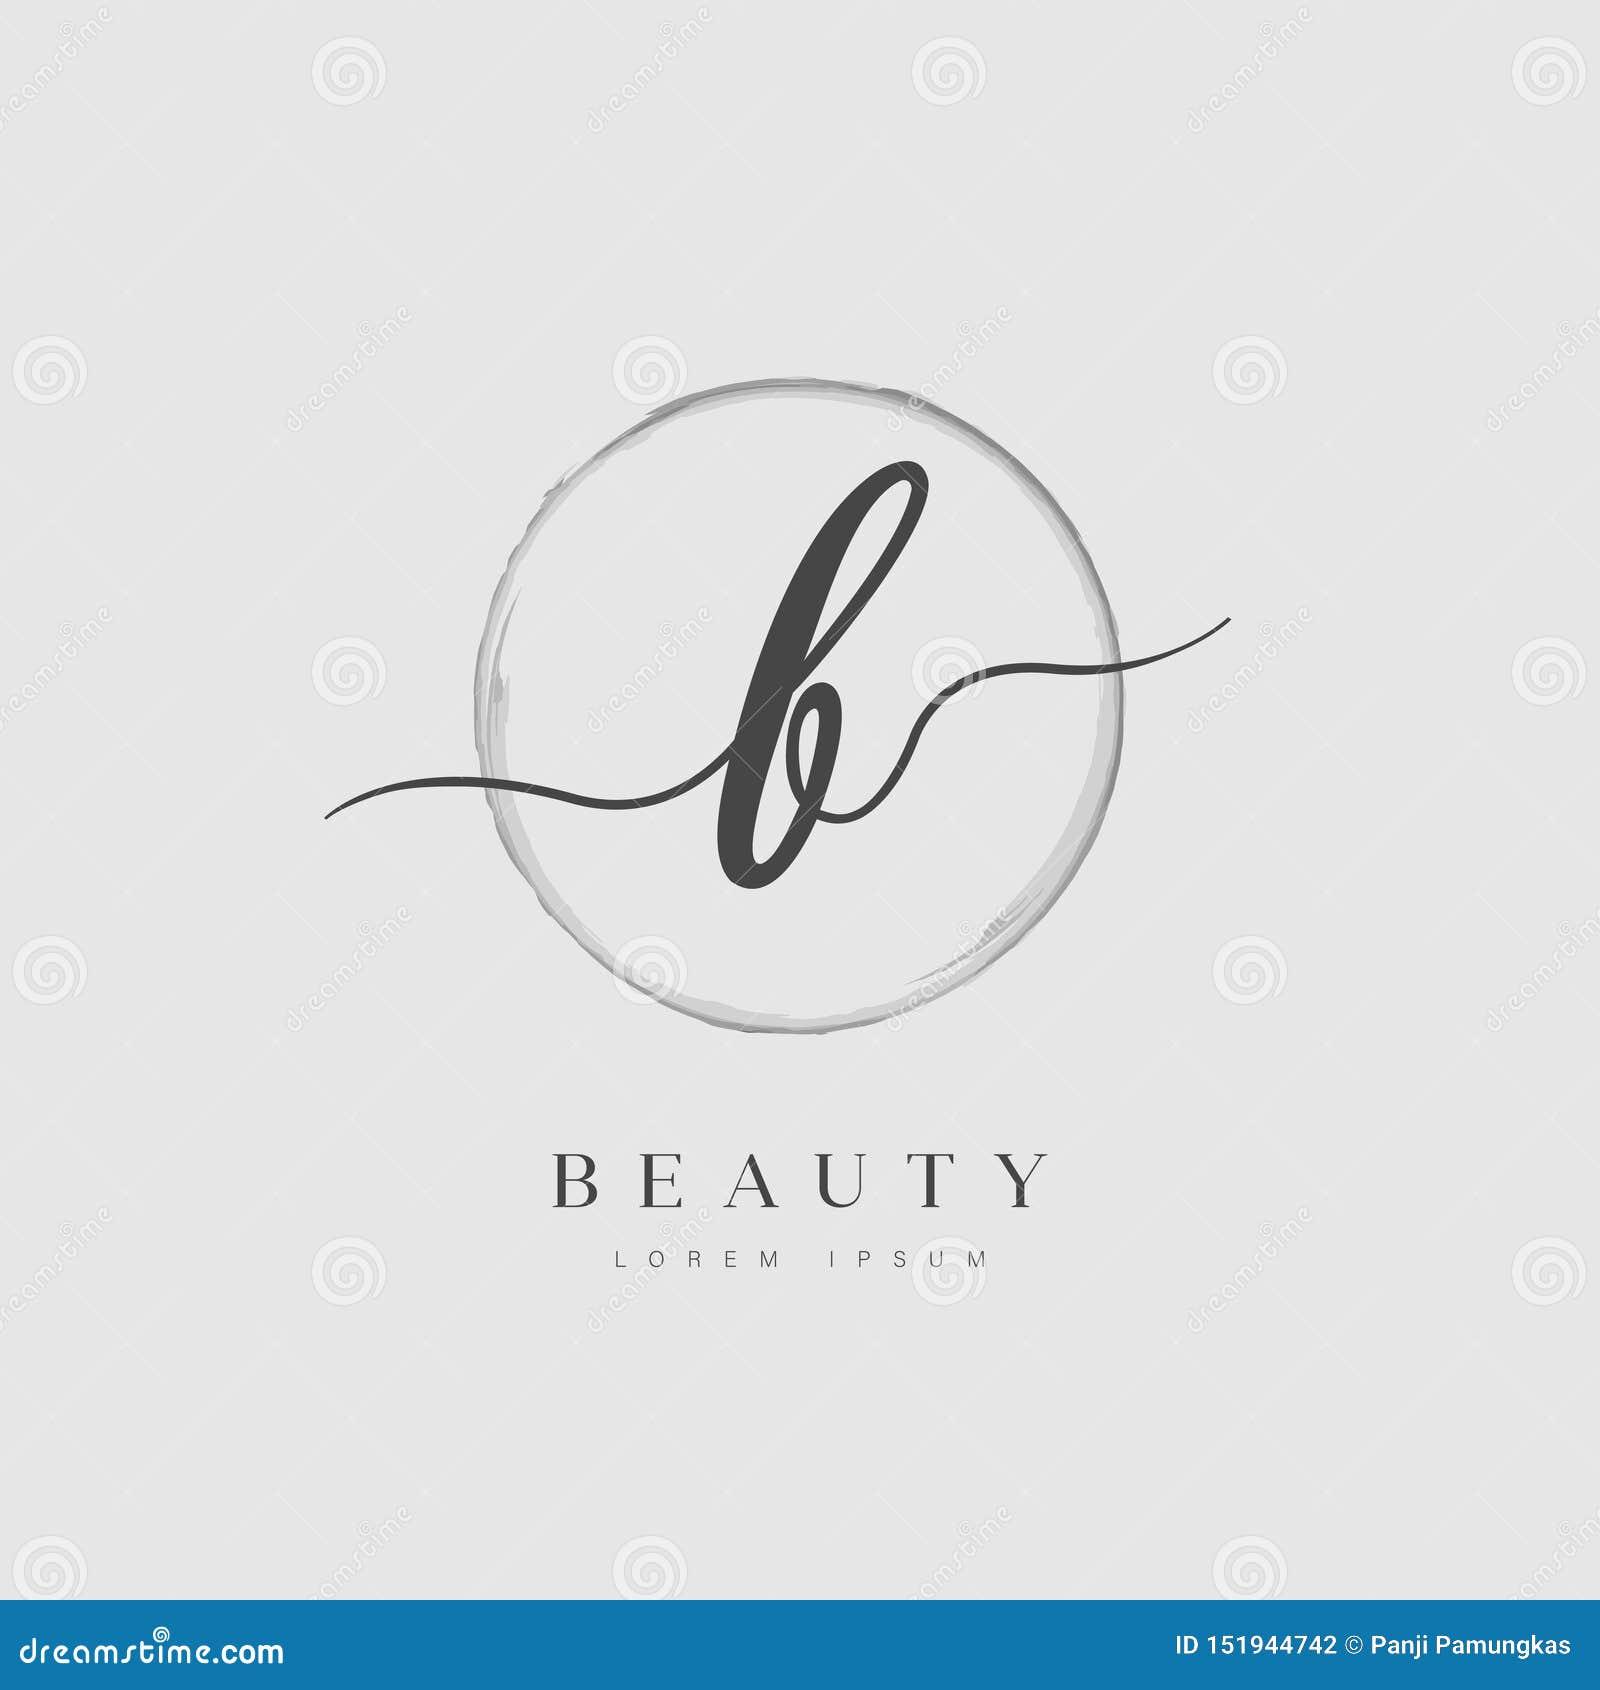 Элегантный тип логотип начального письма b